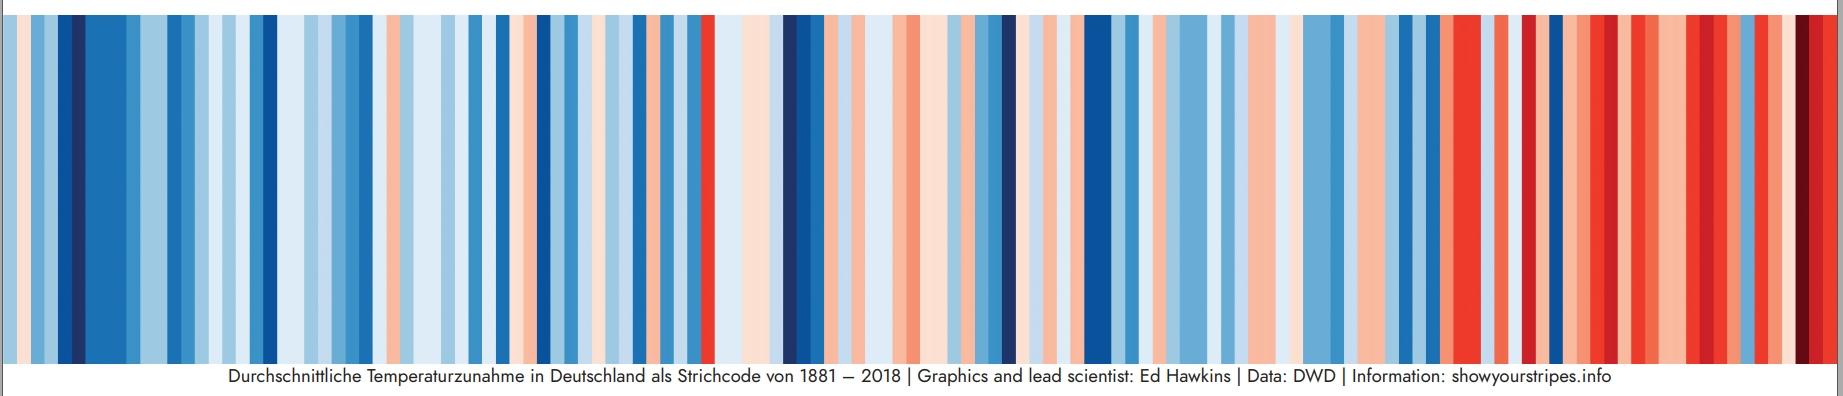 Farbskala mit Streifen von Blau nach Rot symbolisieren den Temperaturanstieg in Deutschland